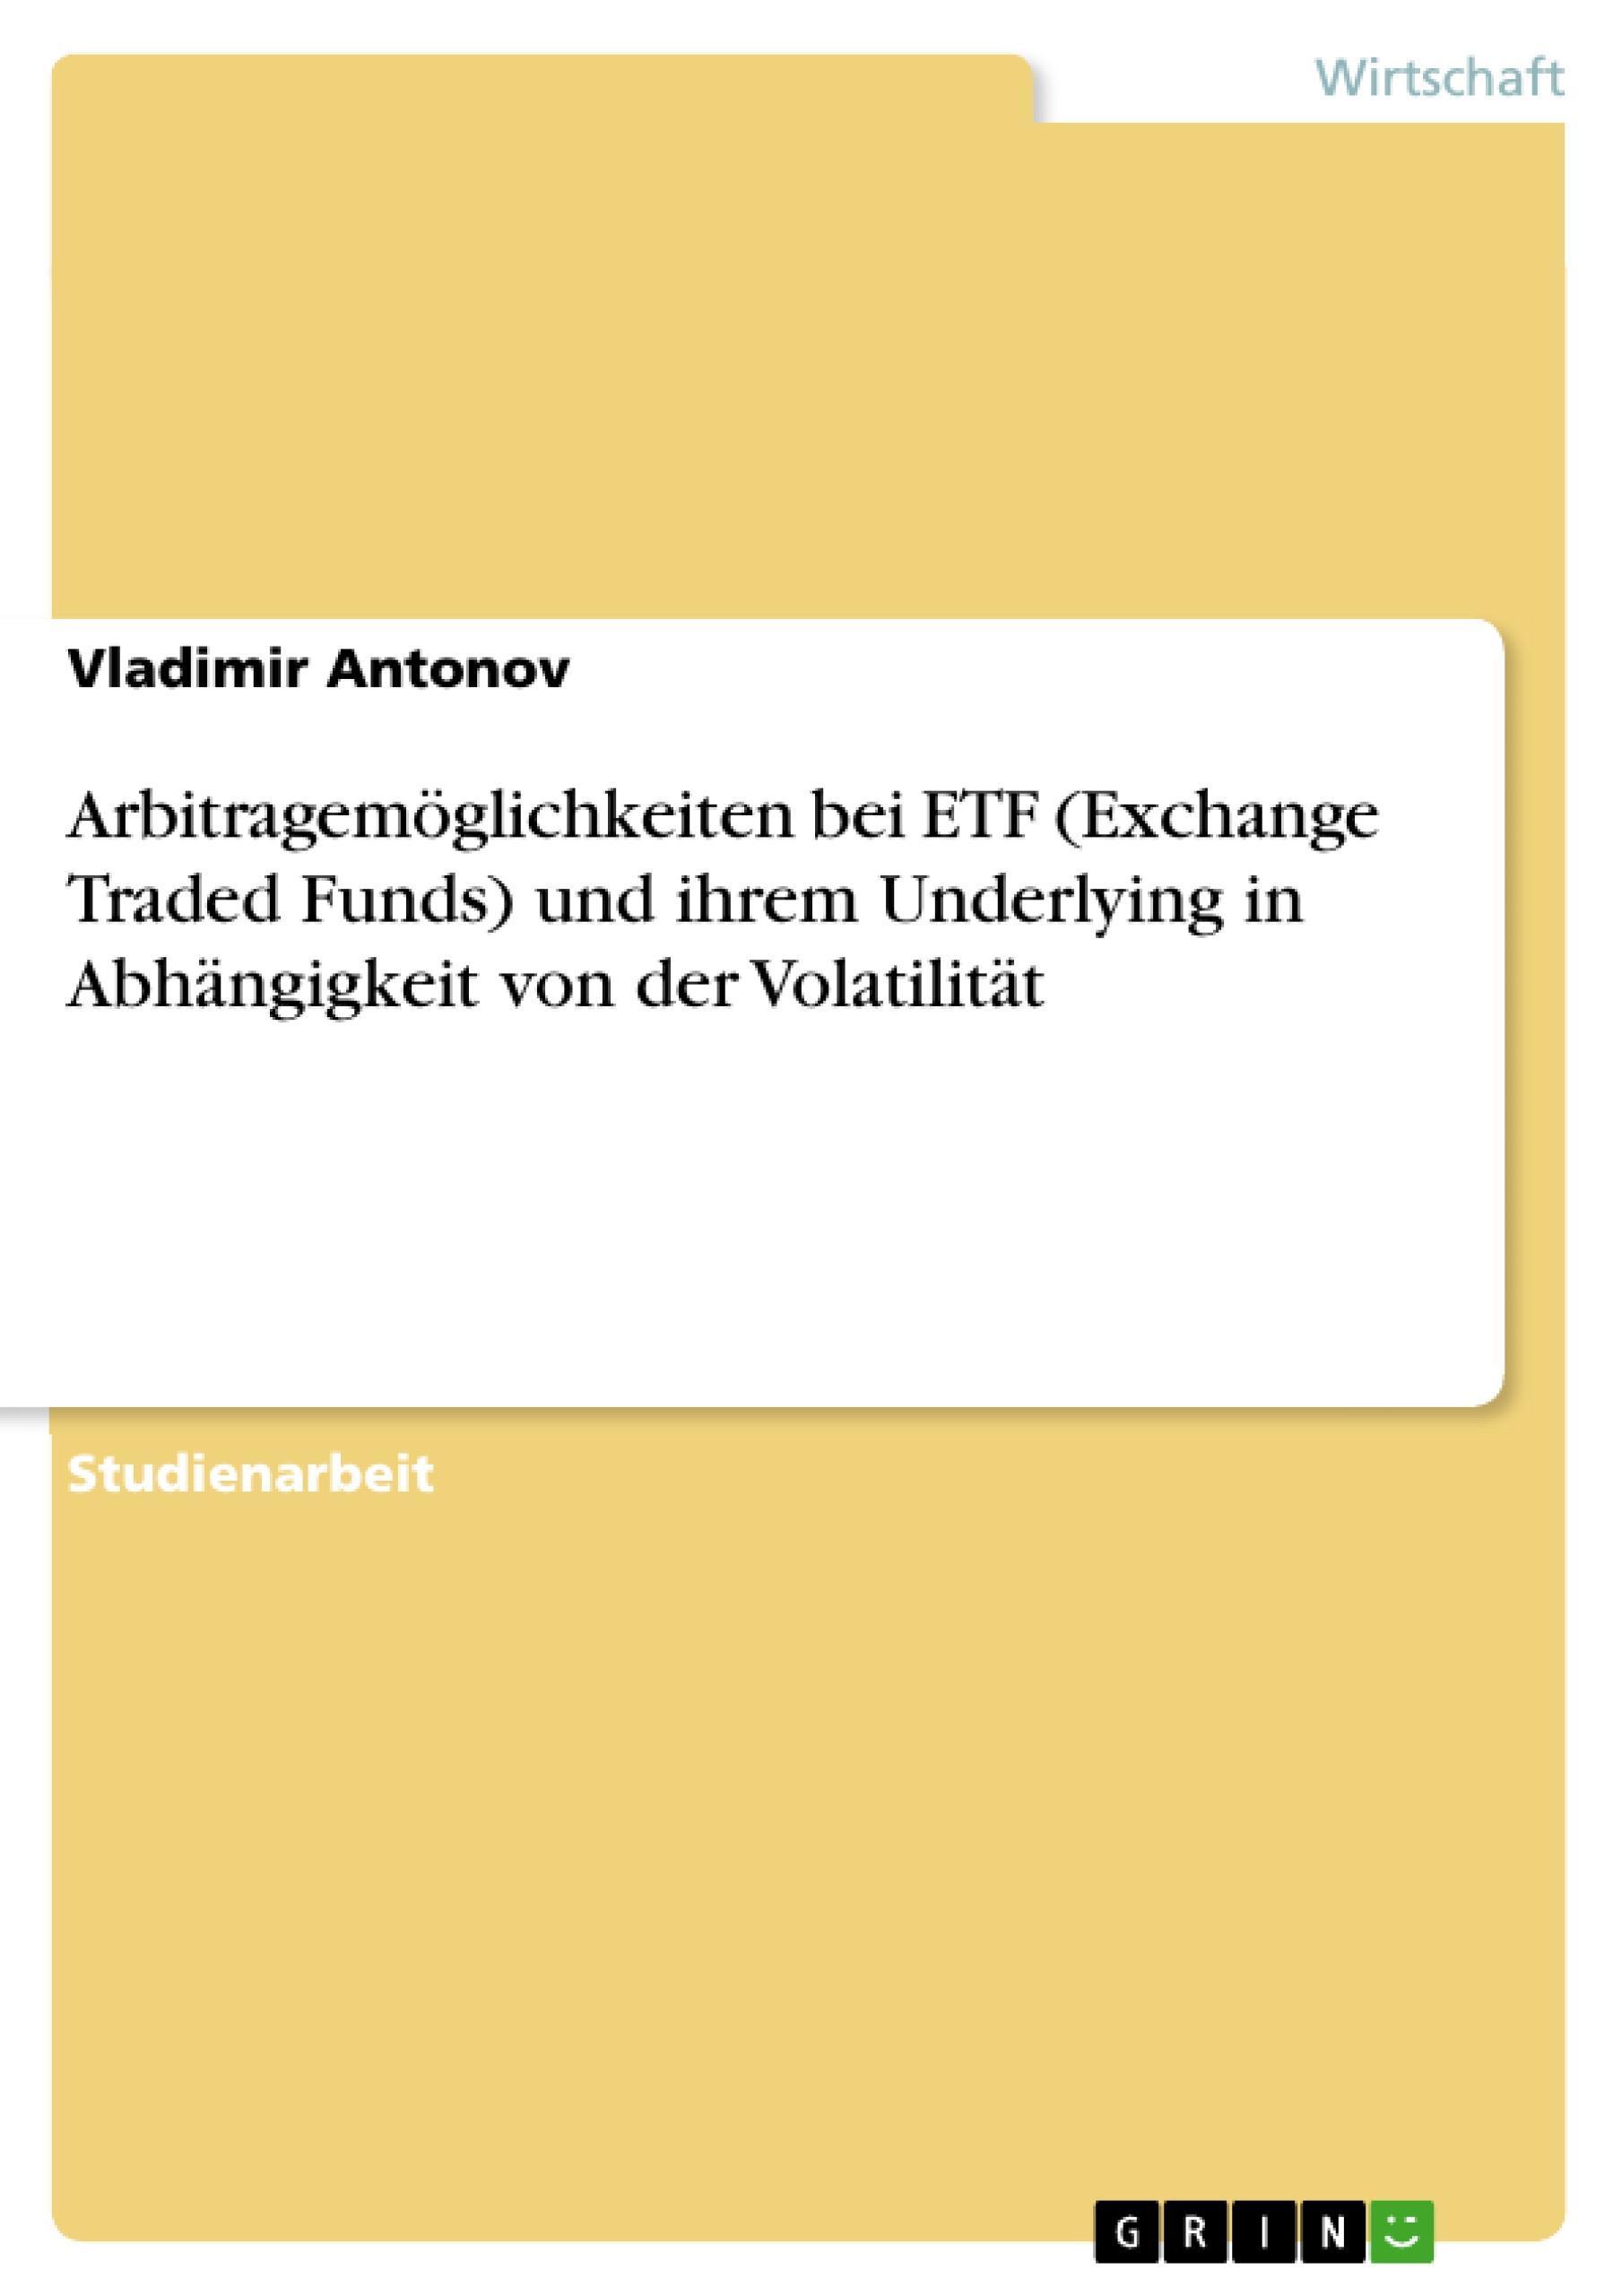 Arbitragemöglichkeiten bei ETF (Exchange Traded Funds) und i ... 9783656864806